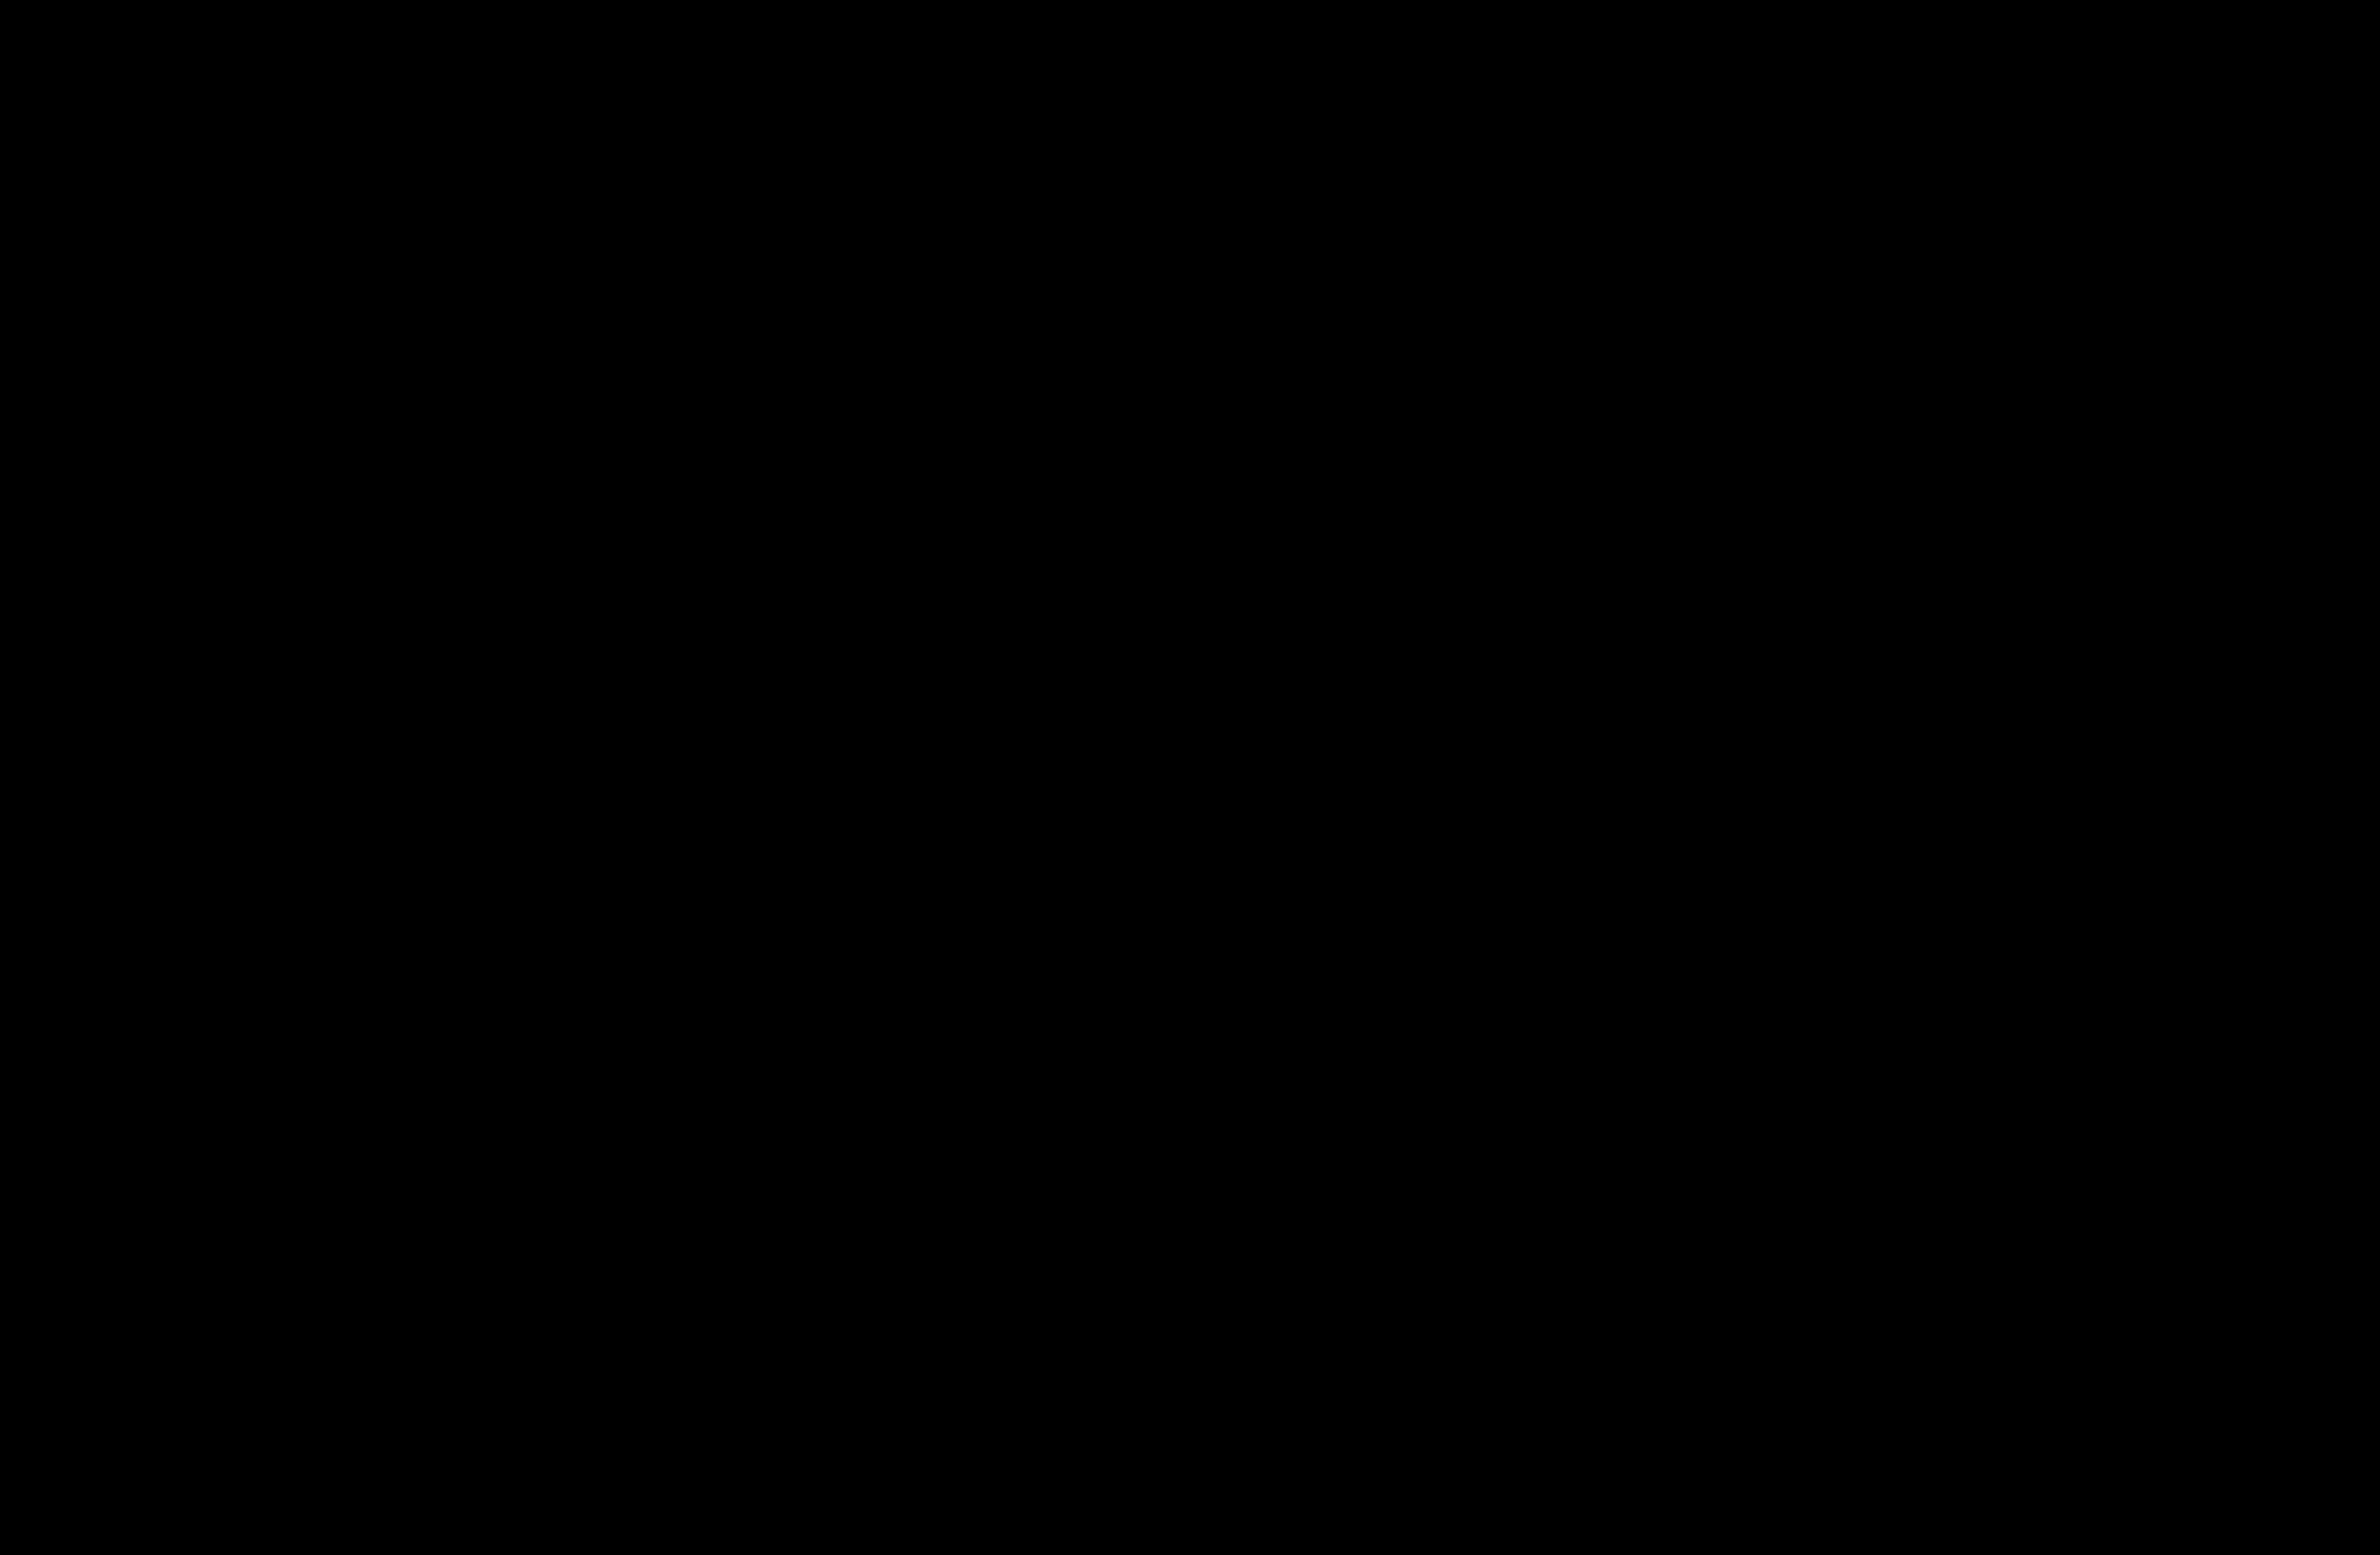 santa sleigh silhouette black